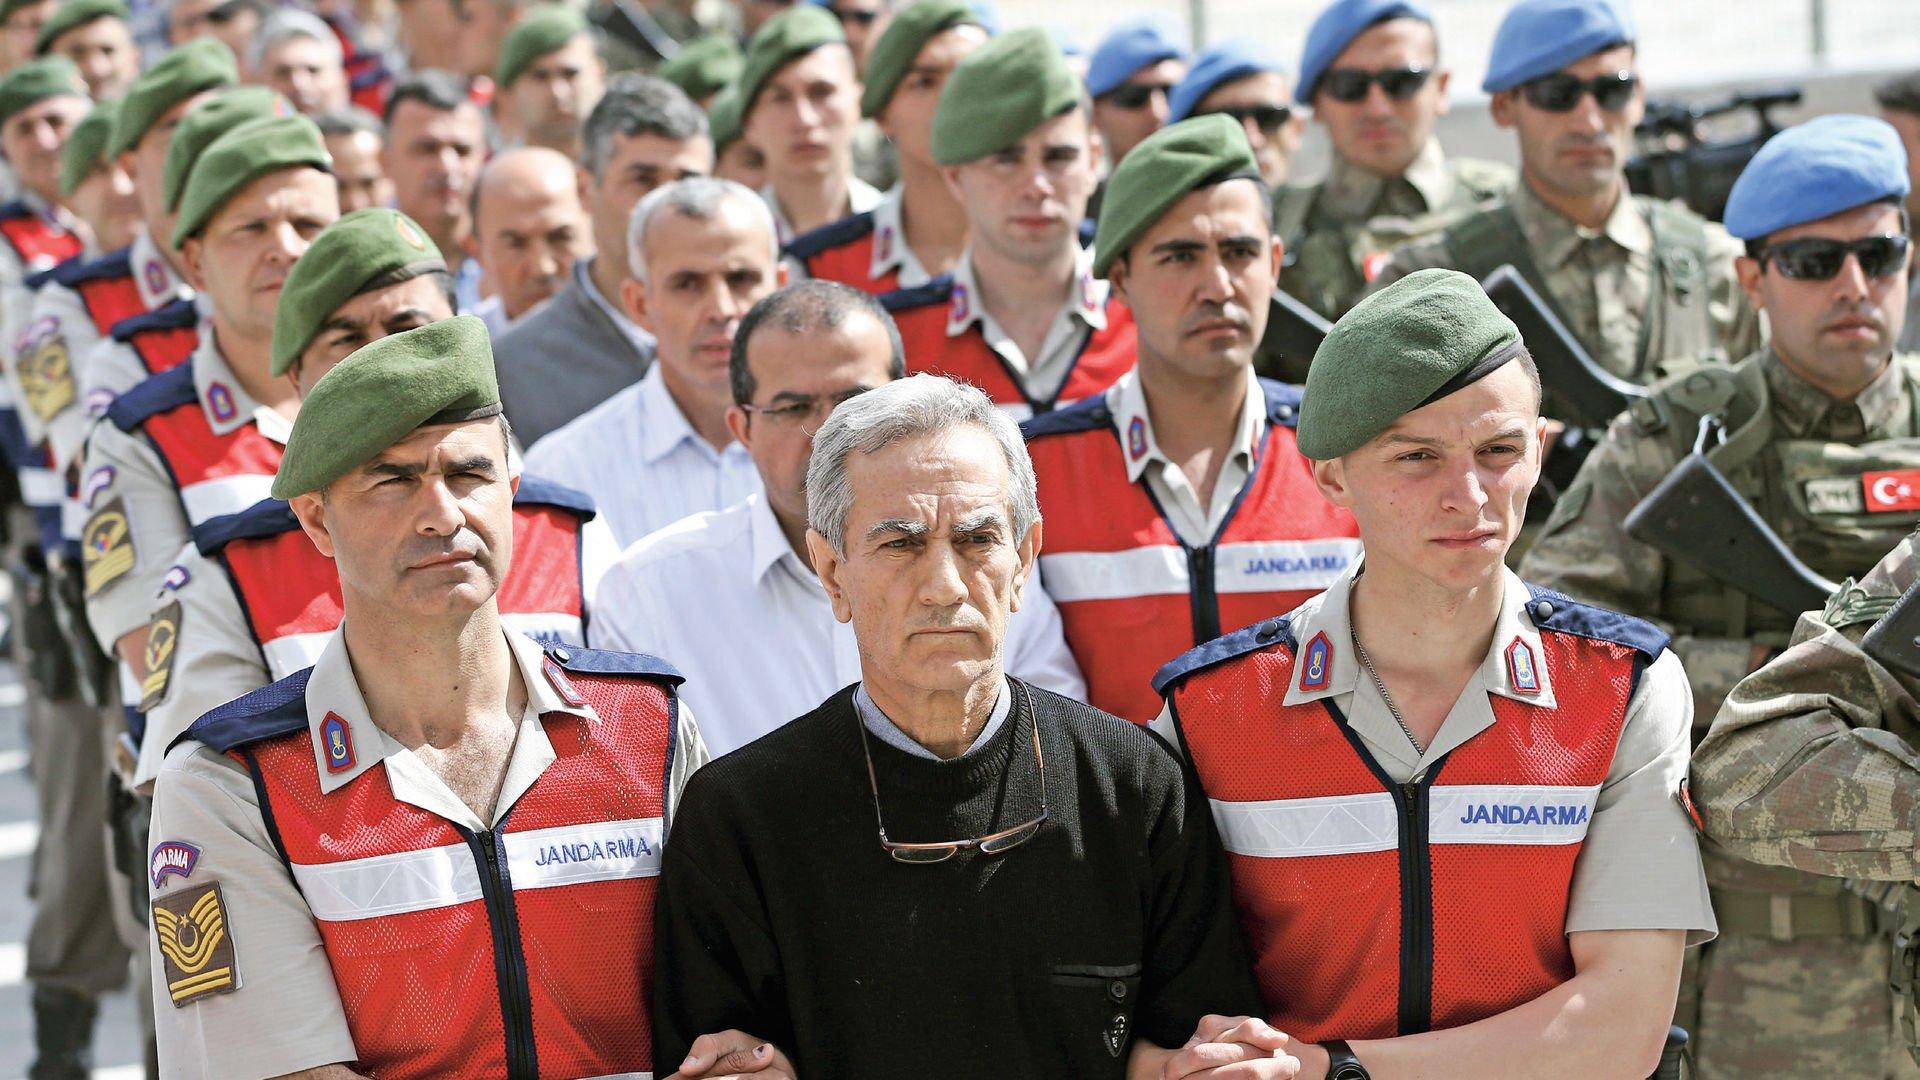 Darbe girişimi sonrası 13 bine yakın gözaltı, 5 bini aşkın tutuklu